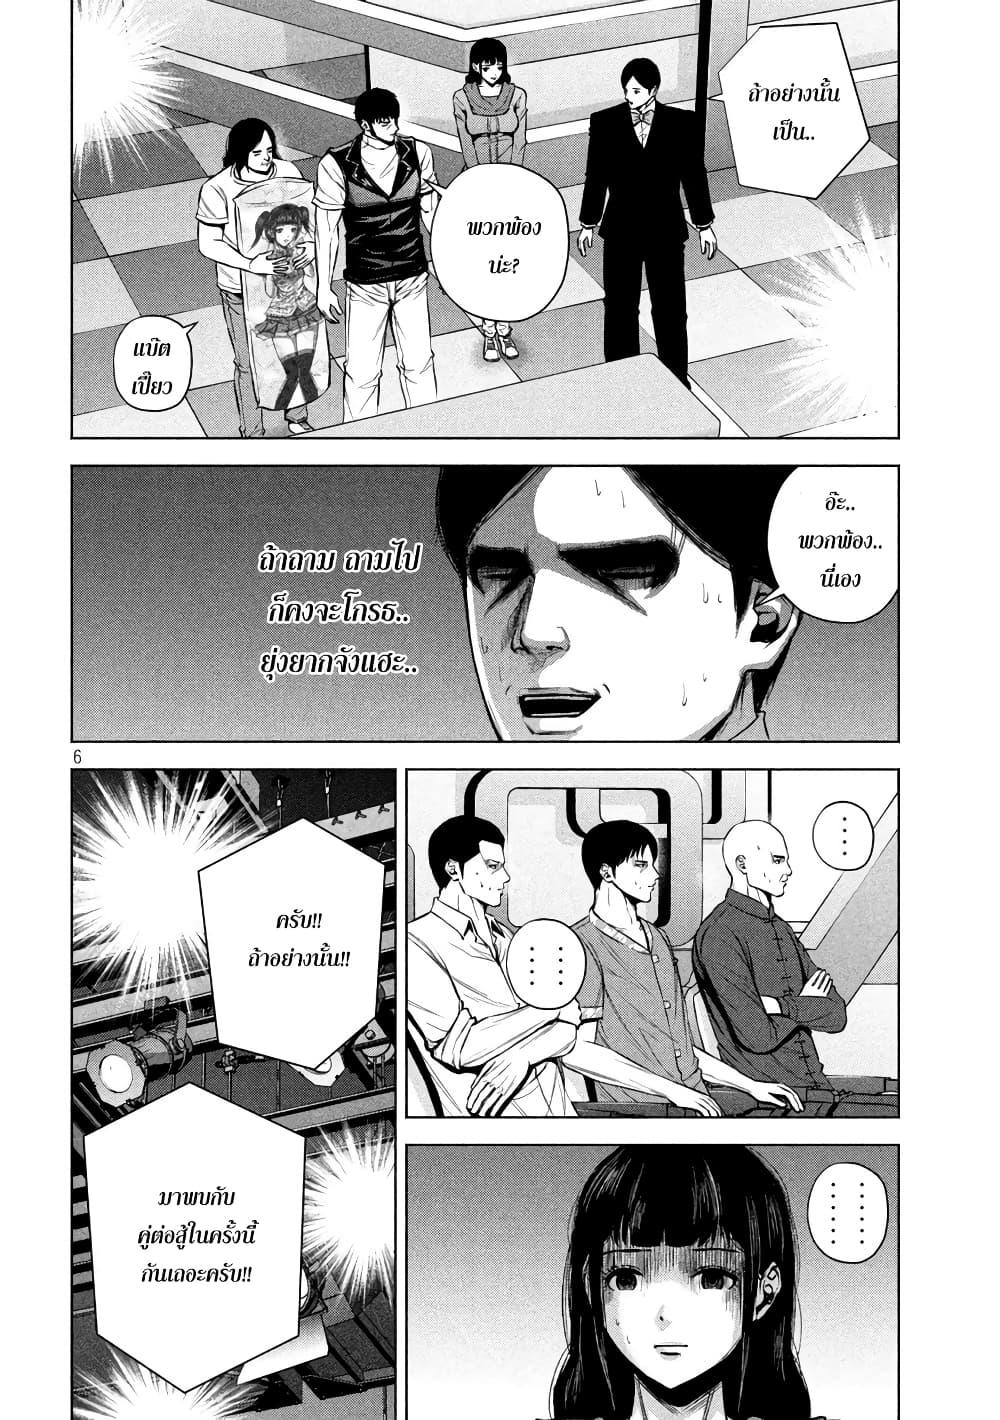 อ่านการ์ตูน Kenshirou ni Yoroshiku ตอนที่ 28 หน้าที่ 6